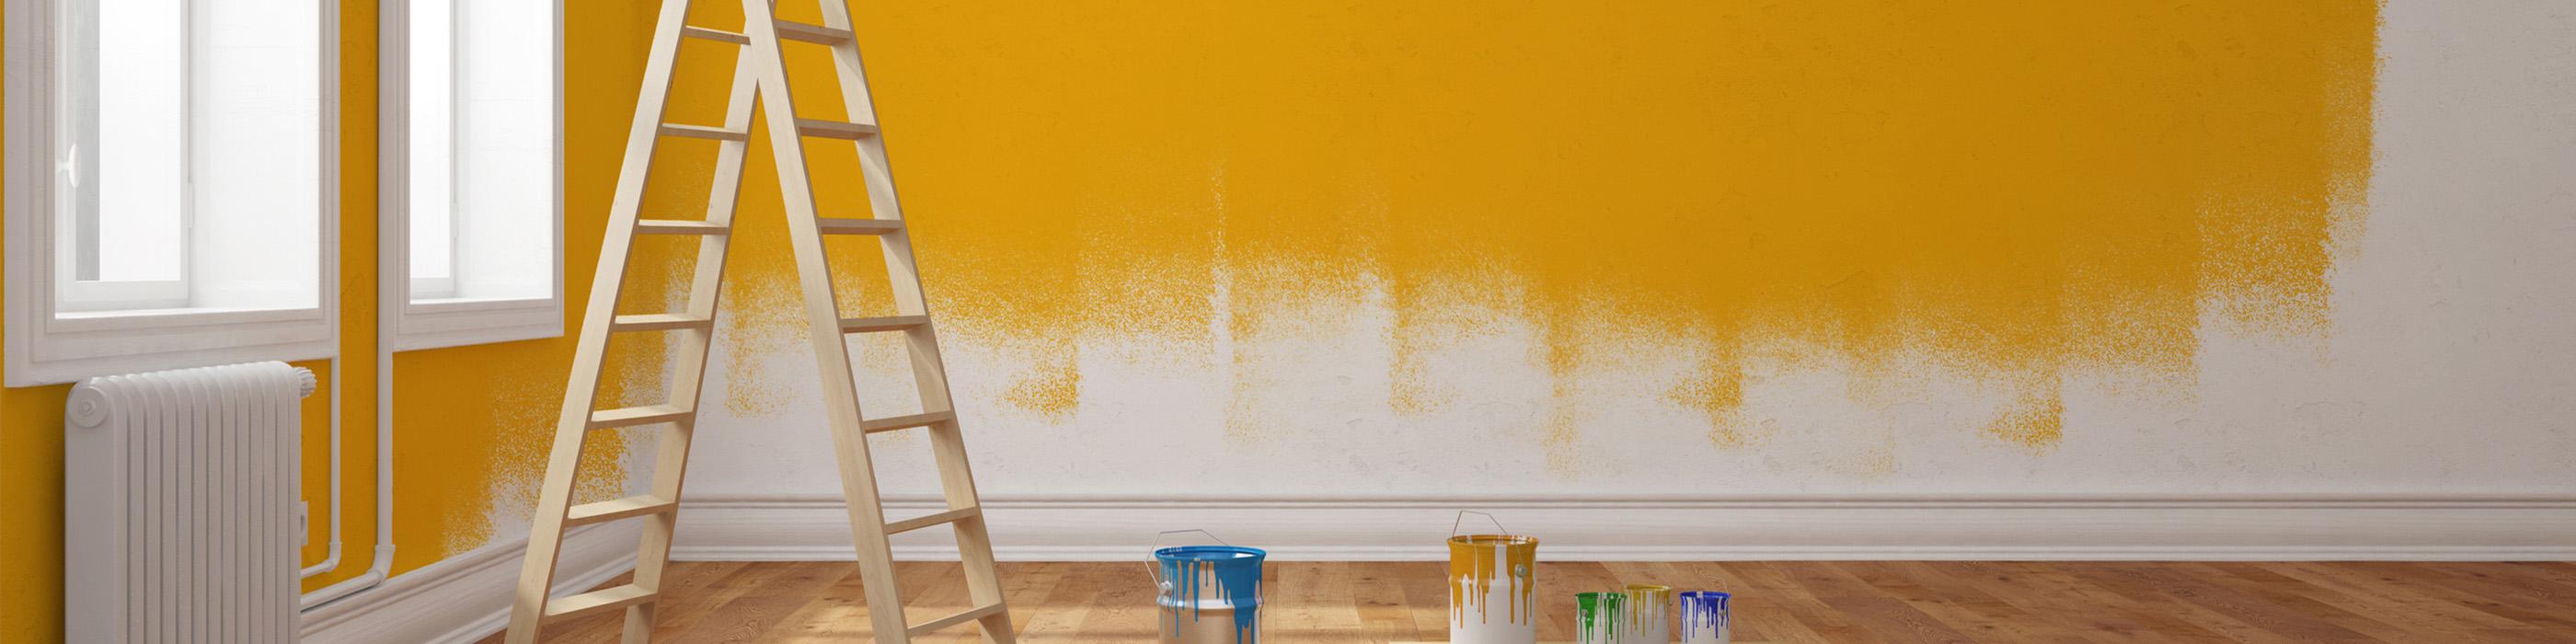 ihr maler und lackierer f r anstriche innen und au en tapezierarbeiten. Black Bedroom Furniture Sets. Home Design Ideas